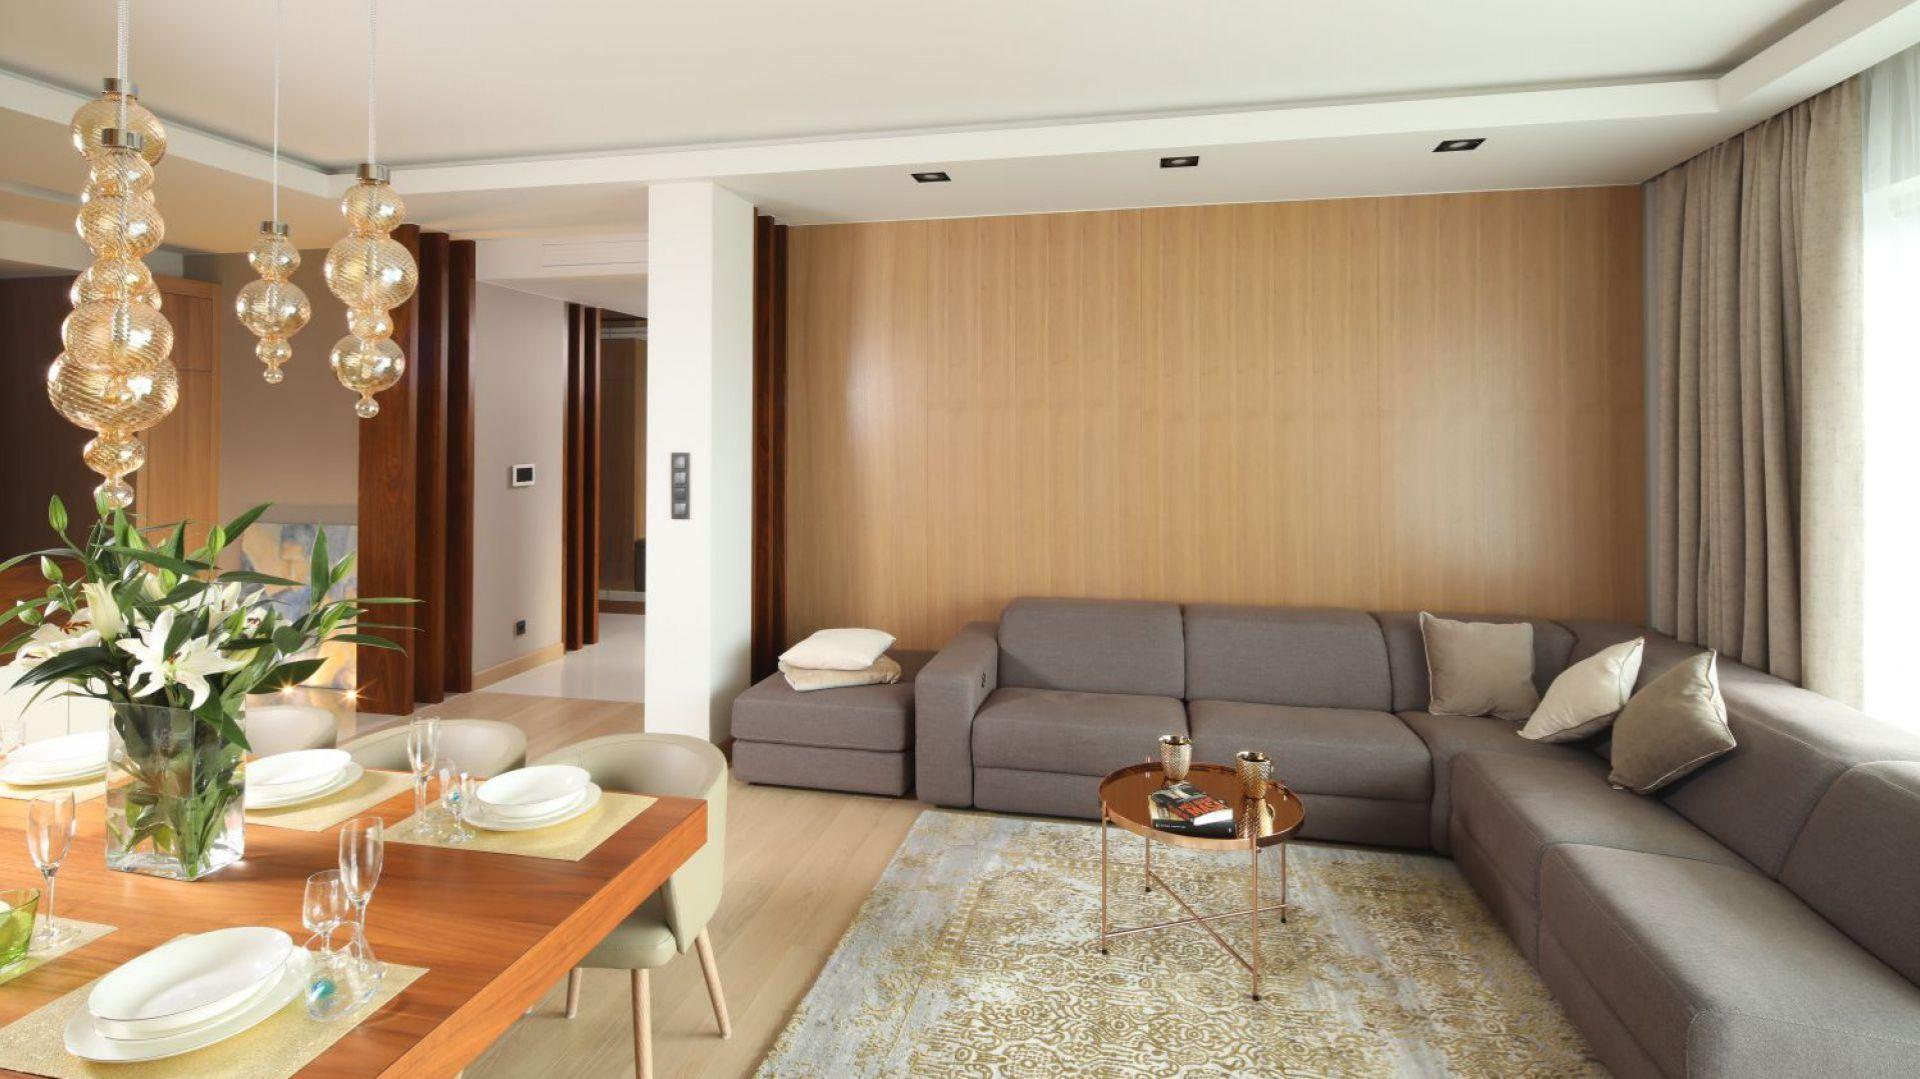 Dywan w subtelny złoty wzór pięknie dopełnia przytulną aranżację salonu. Projekt: Laura Sulzik. Fot. Bartosz Jarosz